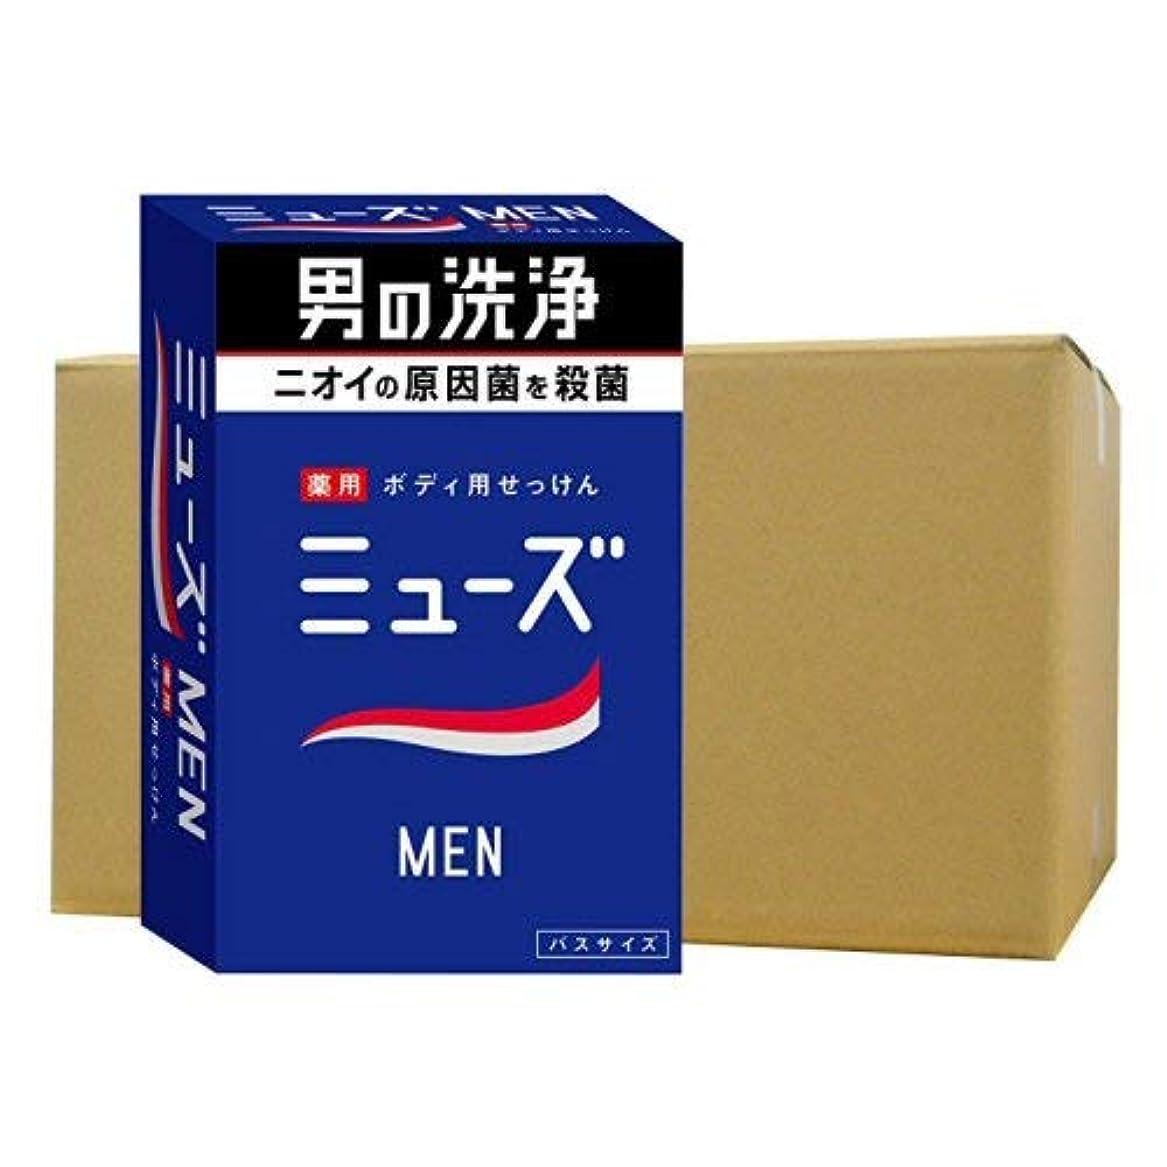 寛大な怪しい迷彩ミューズメン薬用石鹸 135g×24個セット